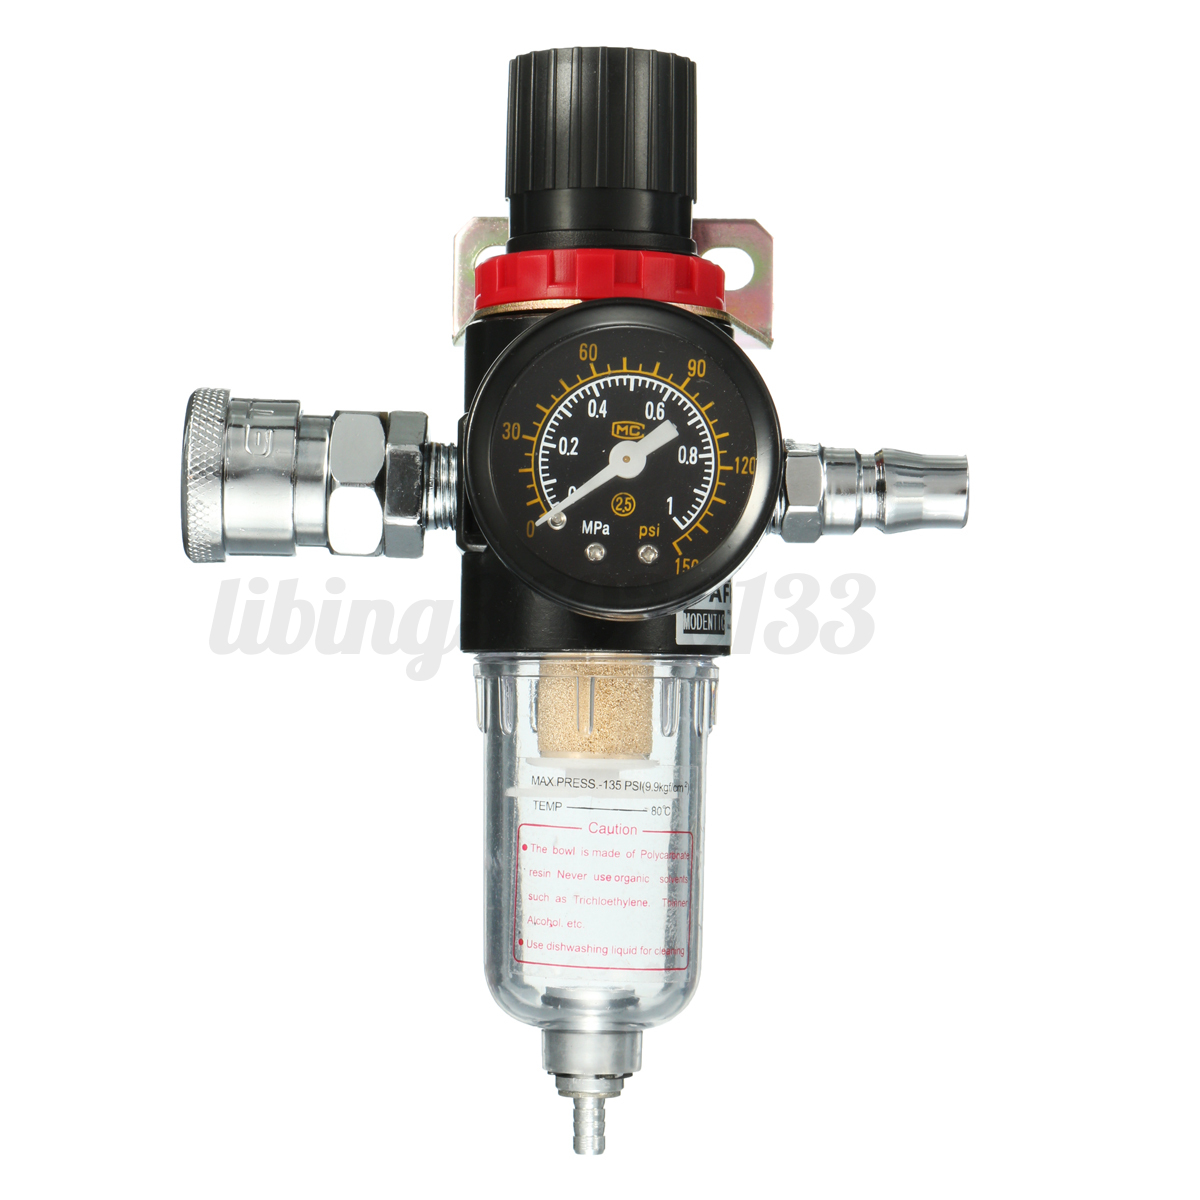 1 4 39 39 air compressor oil water regulator filter pressure gauge moisture trap us ebay. Black Bedroom Furniture Sets. Home Design Ideas